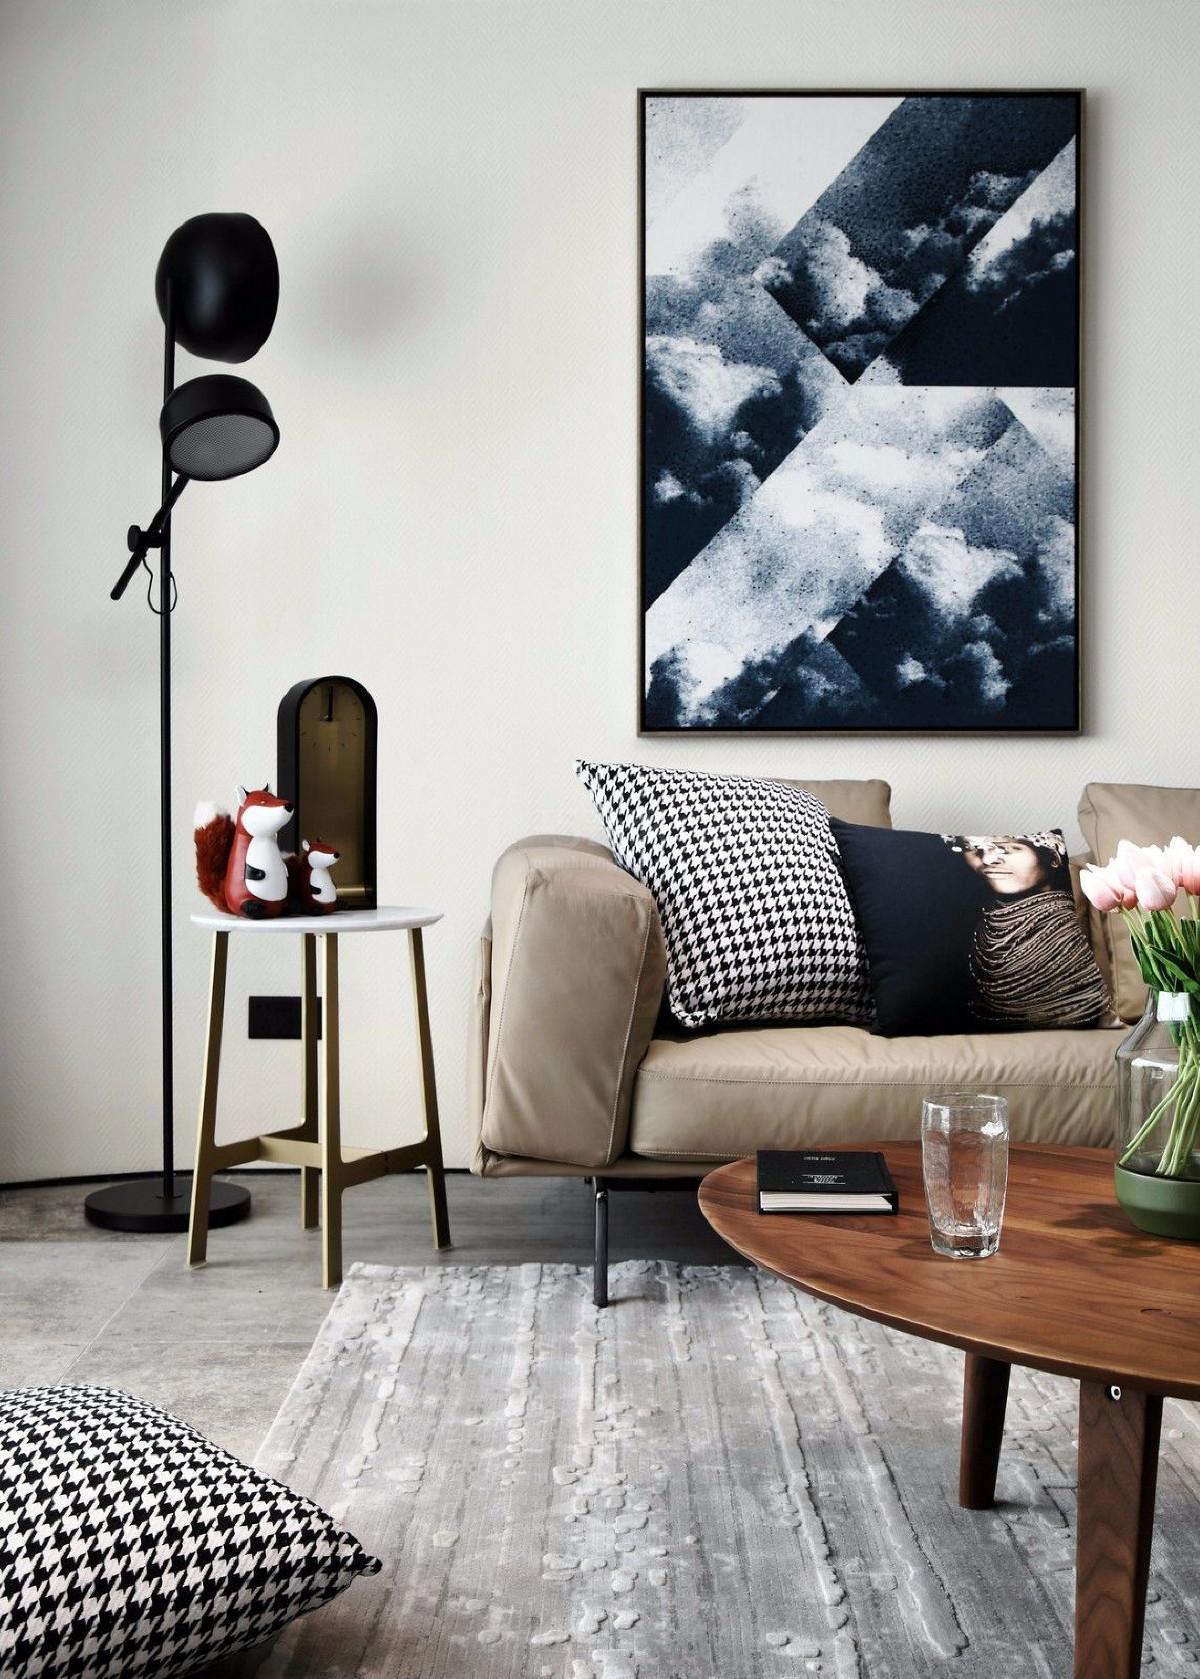 简单到极致为追求,是一种设计风格,感官上简约整洁,品味和思想上更为优雅